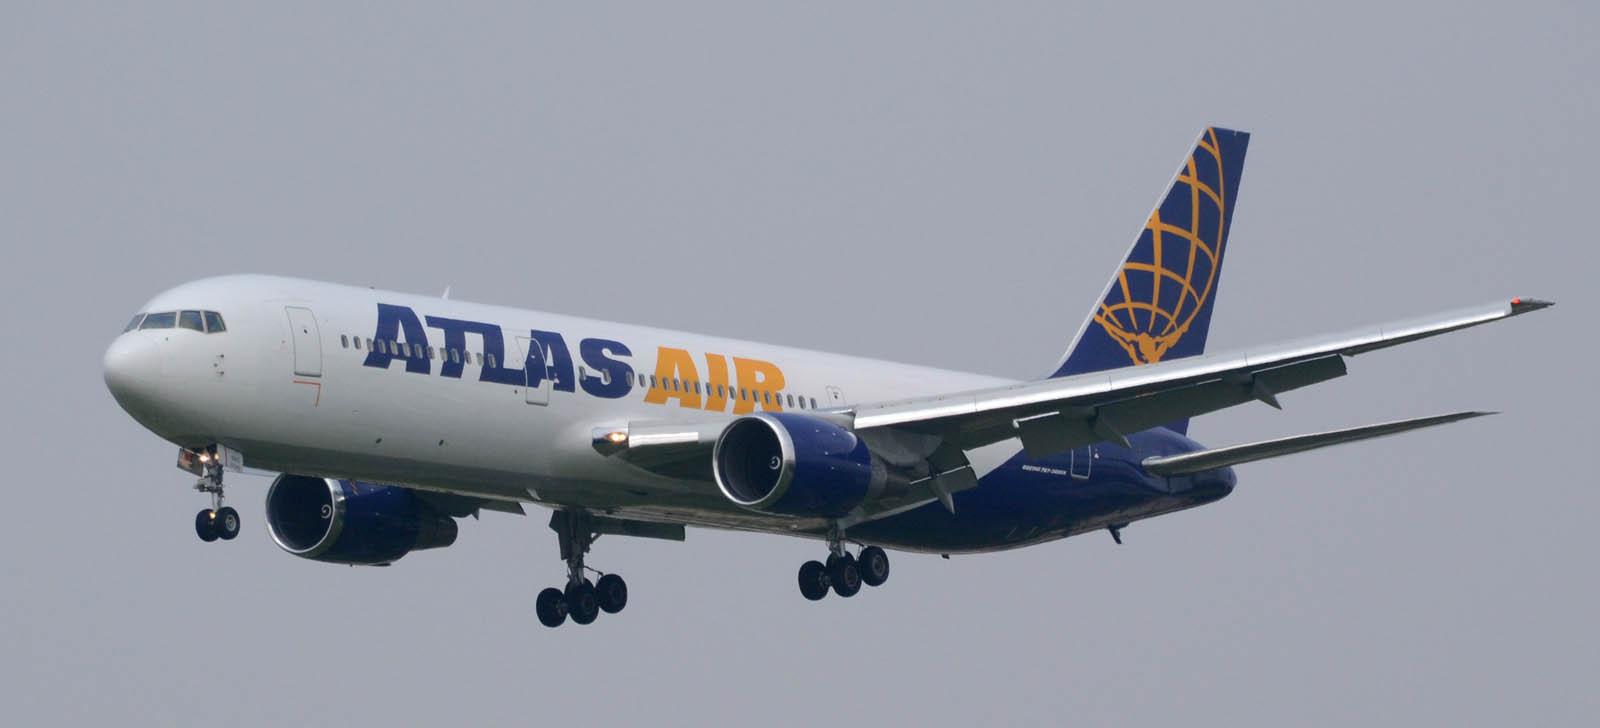 Atlas130809g267